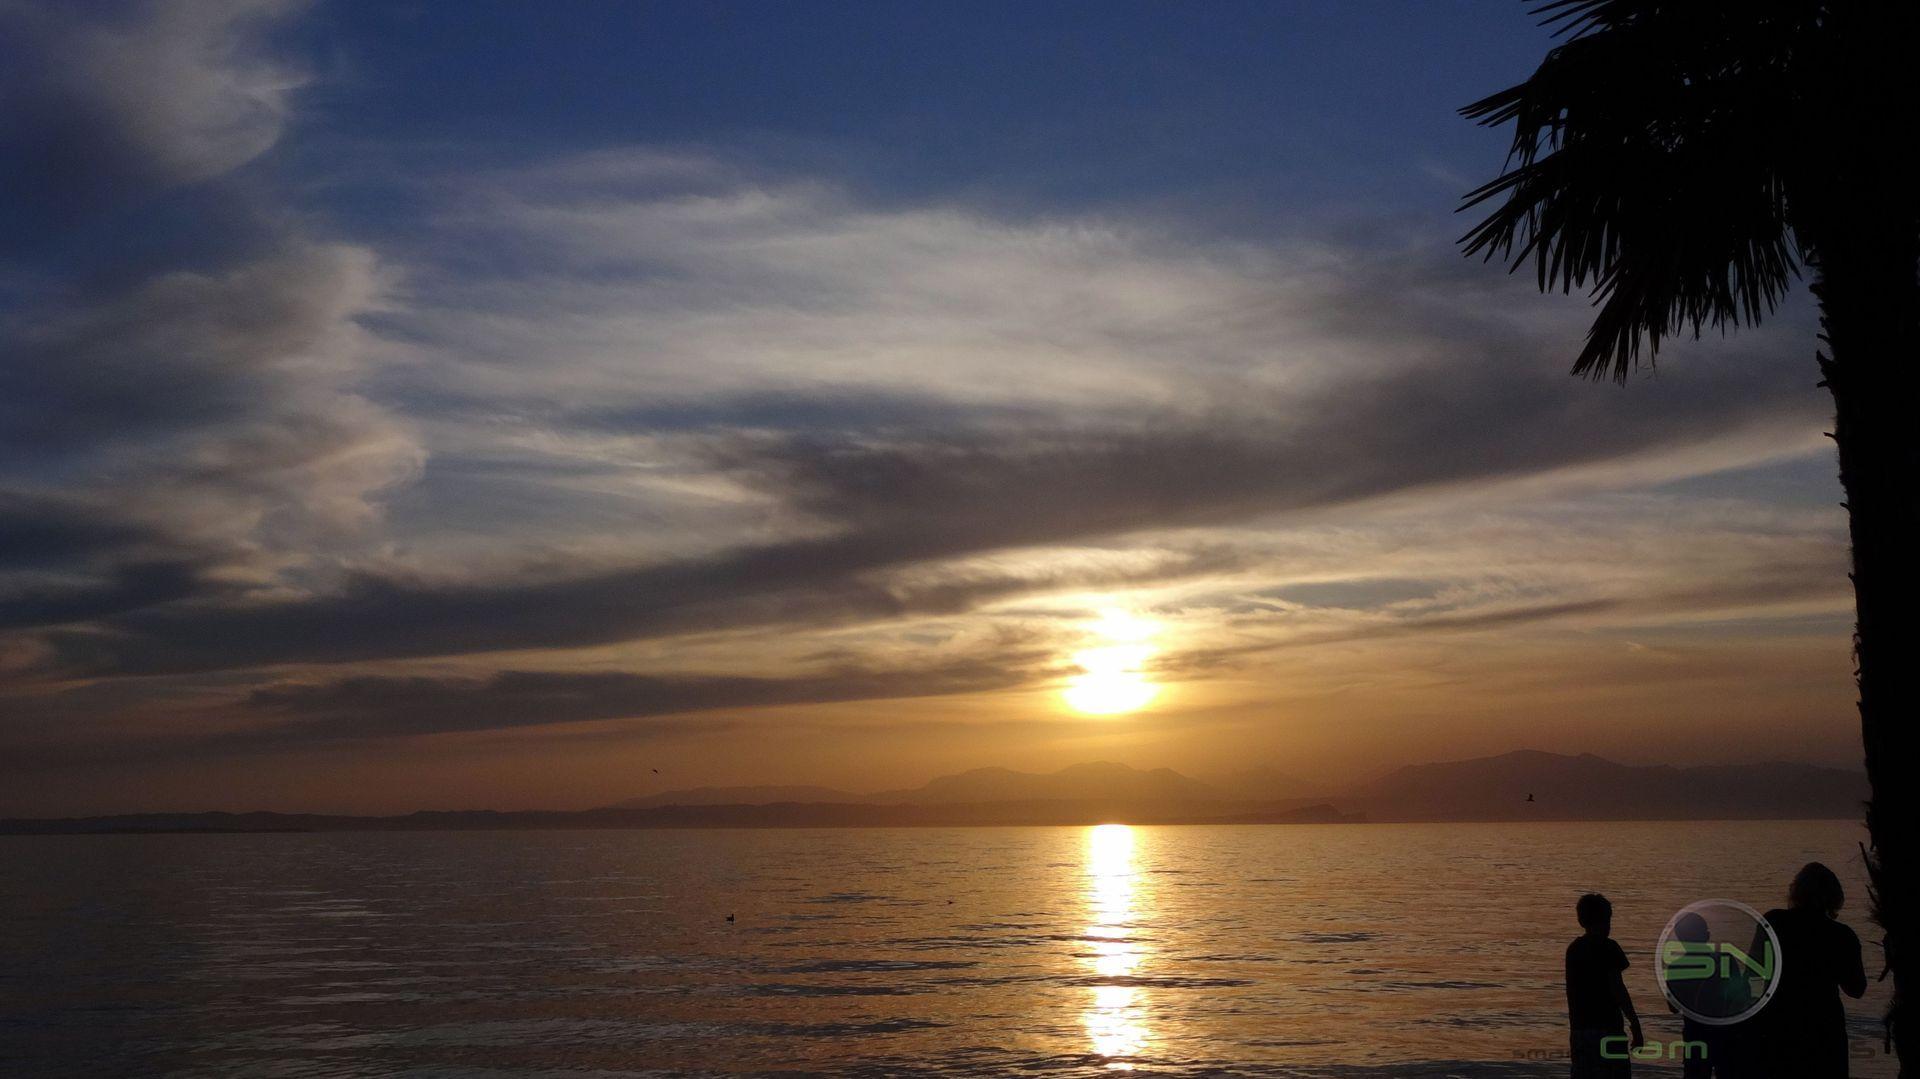 Sonnenuntergang - SmartTechNews